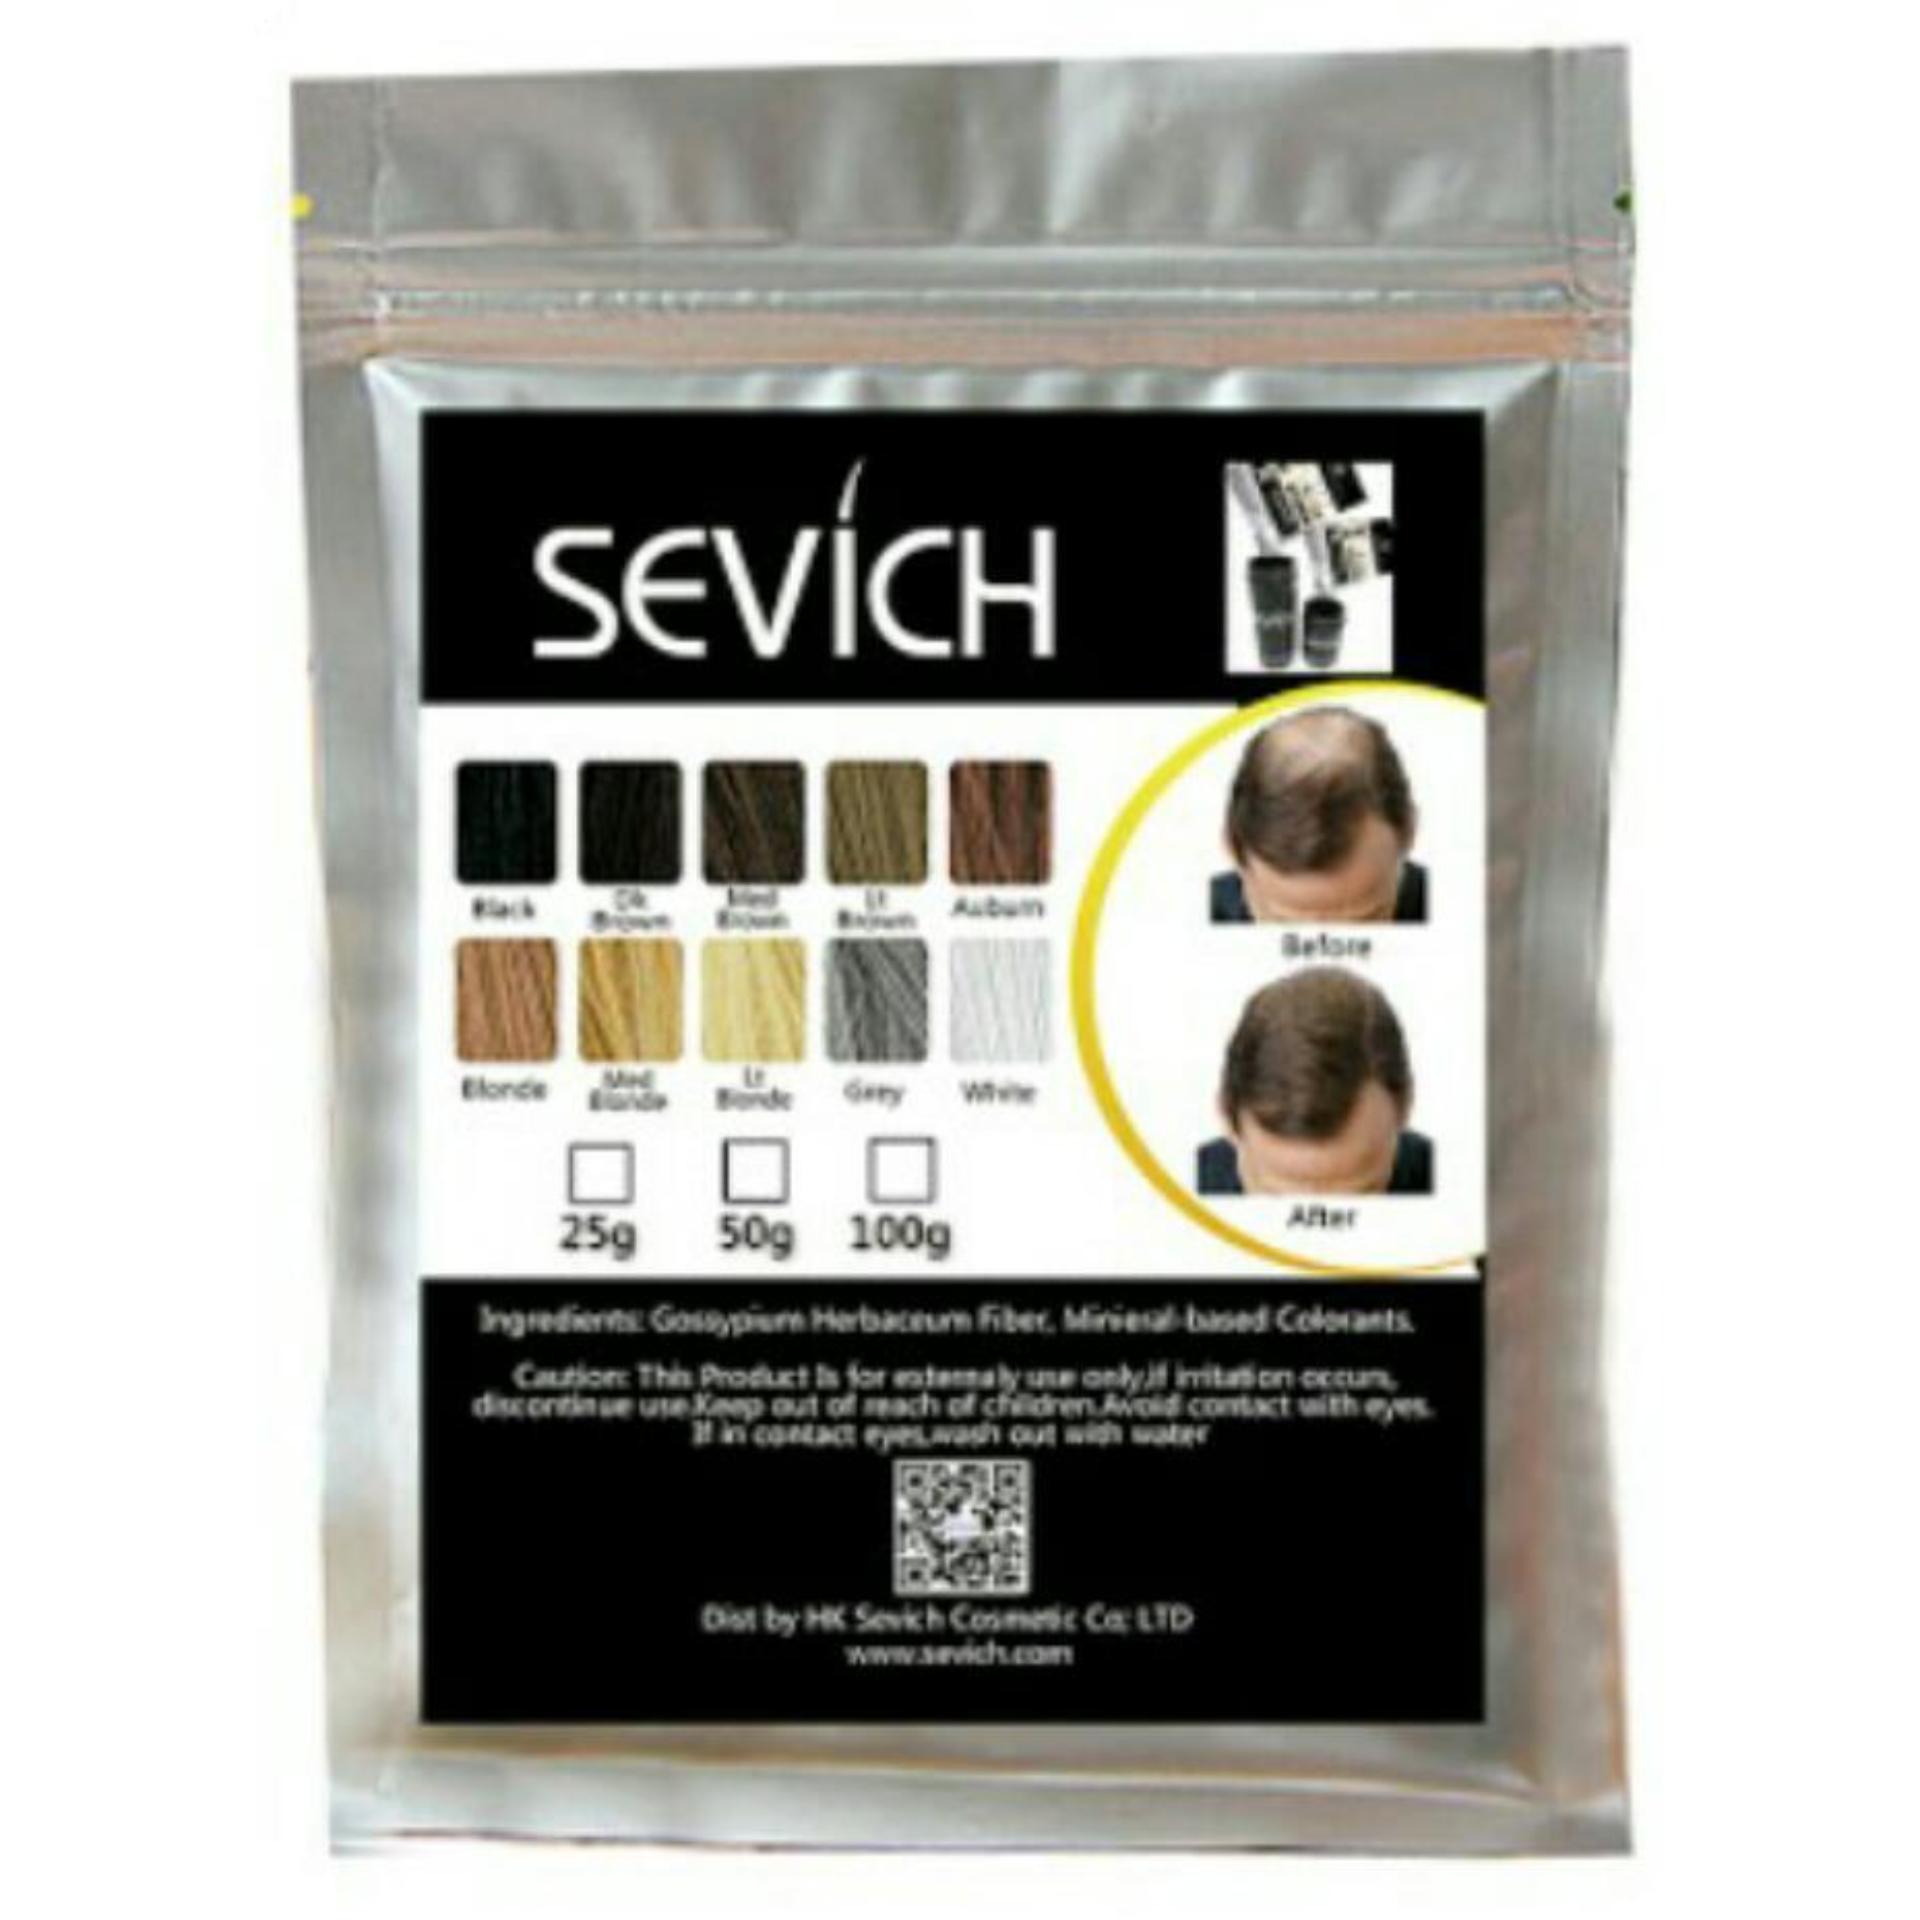 Caboki Hair Building Fibers 25 Gram Original Usa 100percent Hitam 100 Gr Bukan Snap N Grip Bandingkan Toko Sevich Fiber Refil 25gr Harga Baru Hanya Rp86